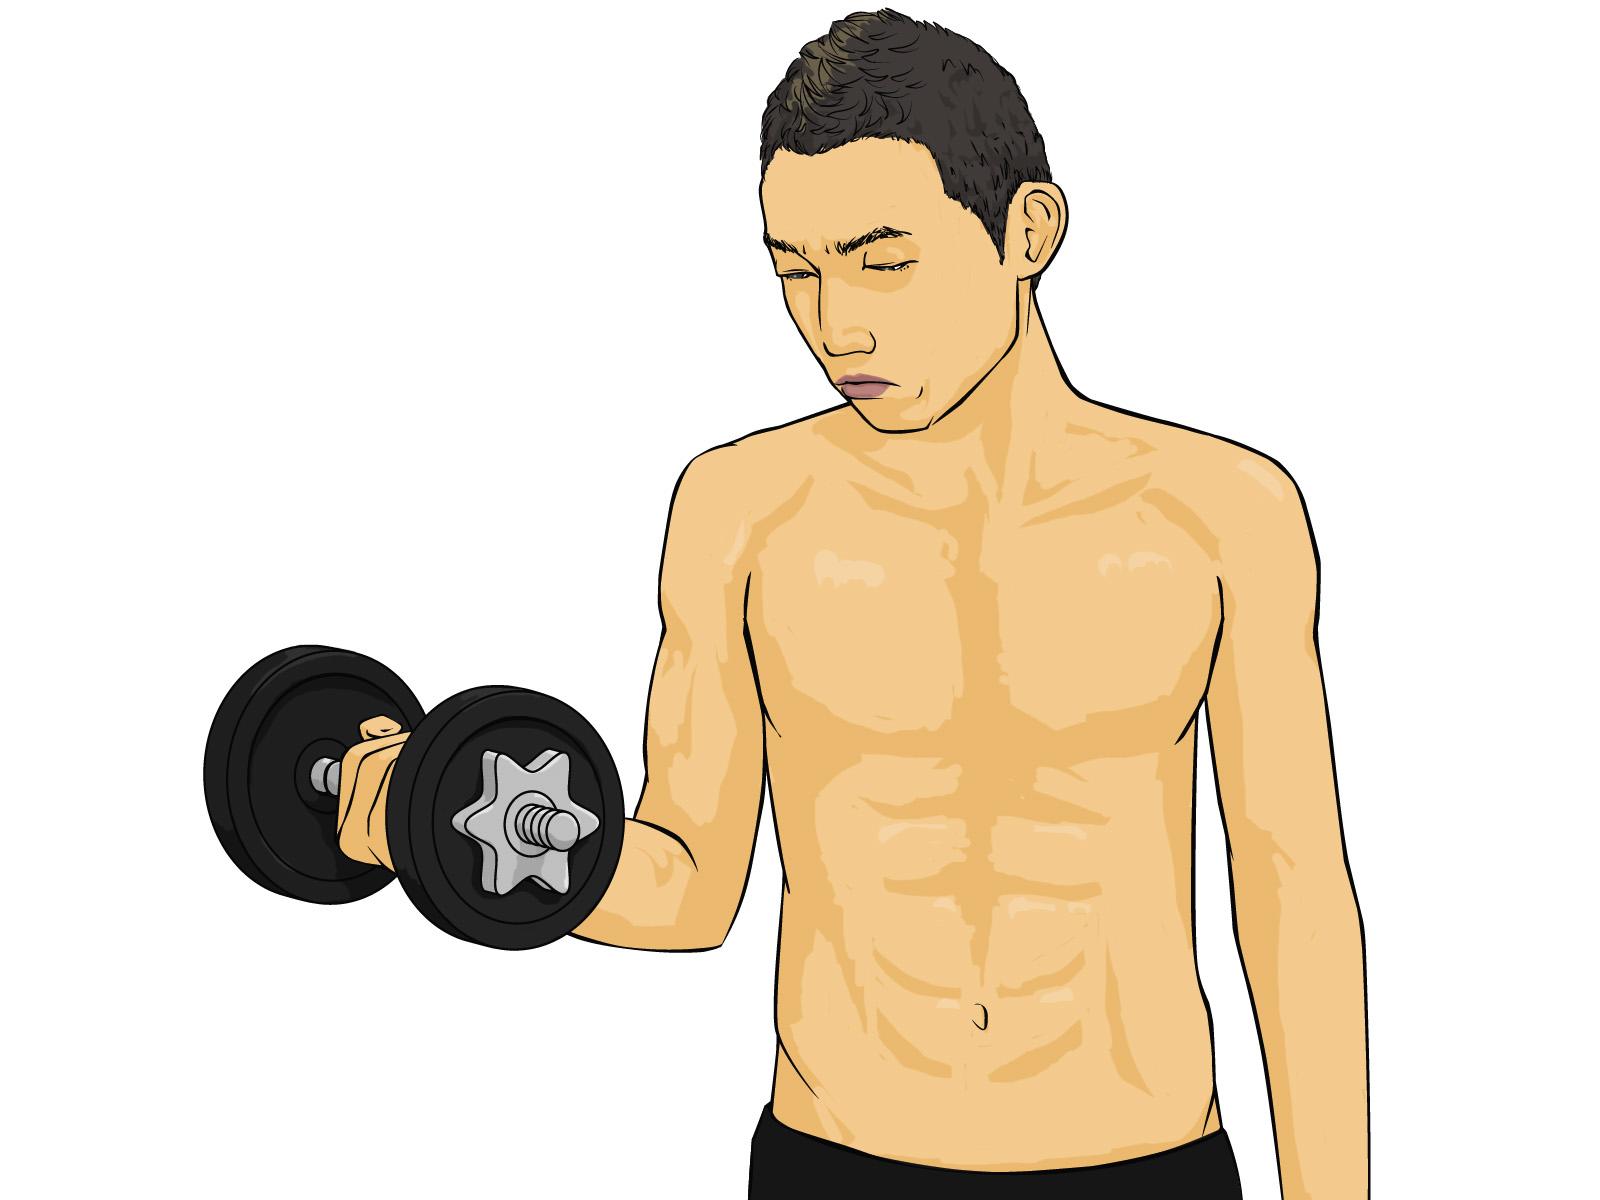 リーンゲインズ(トレーニングと糖質制限の組み合わせ)で14キロ減